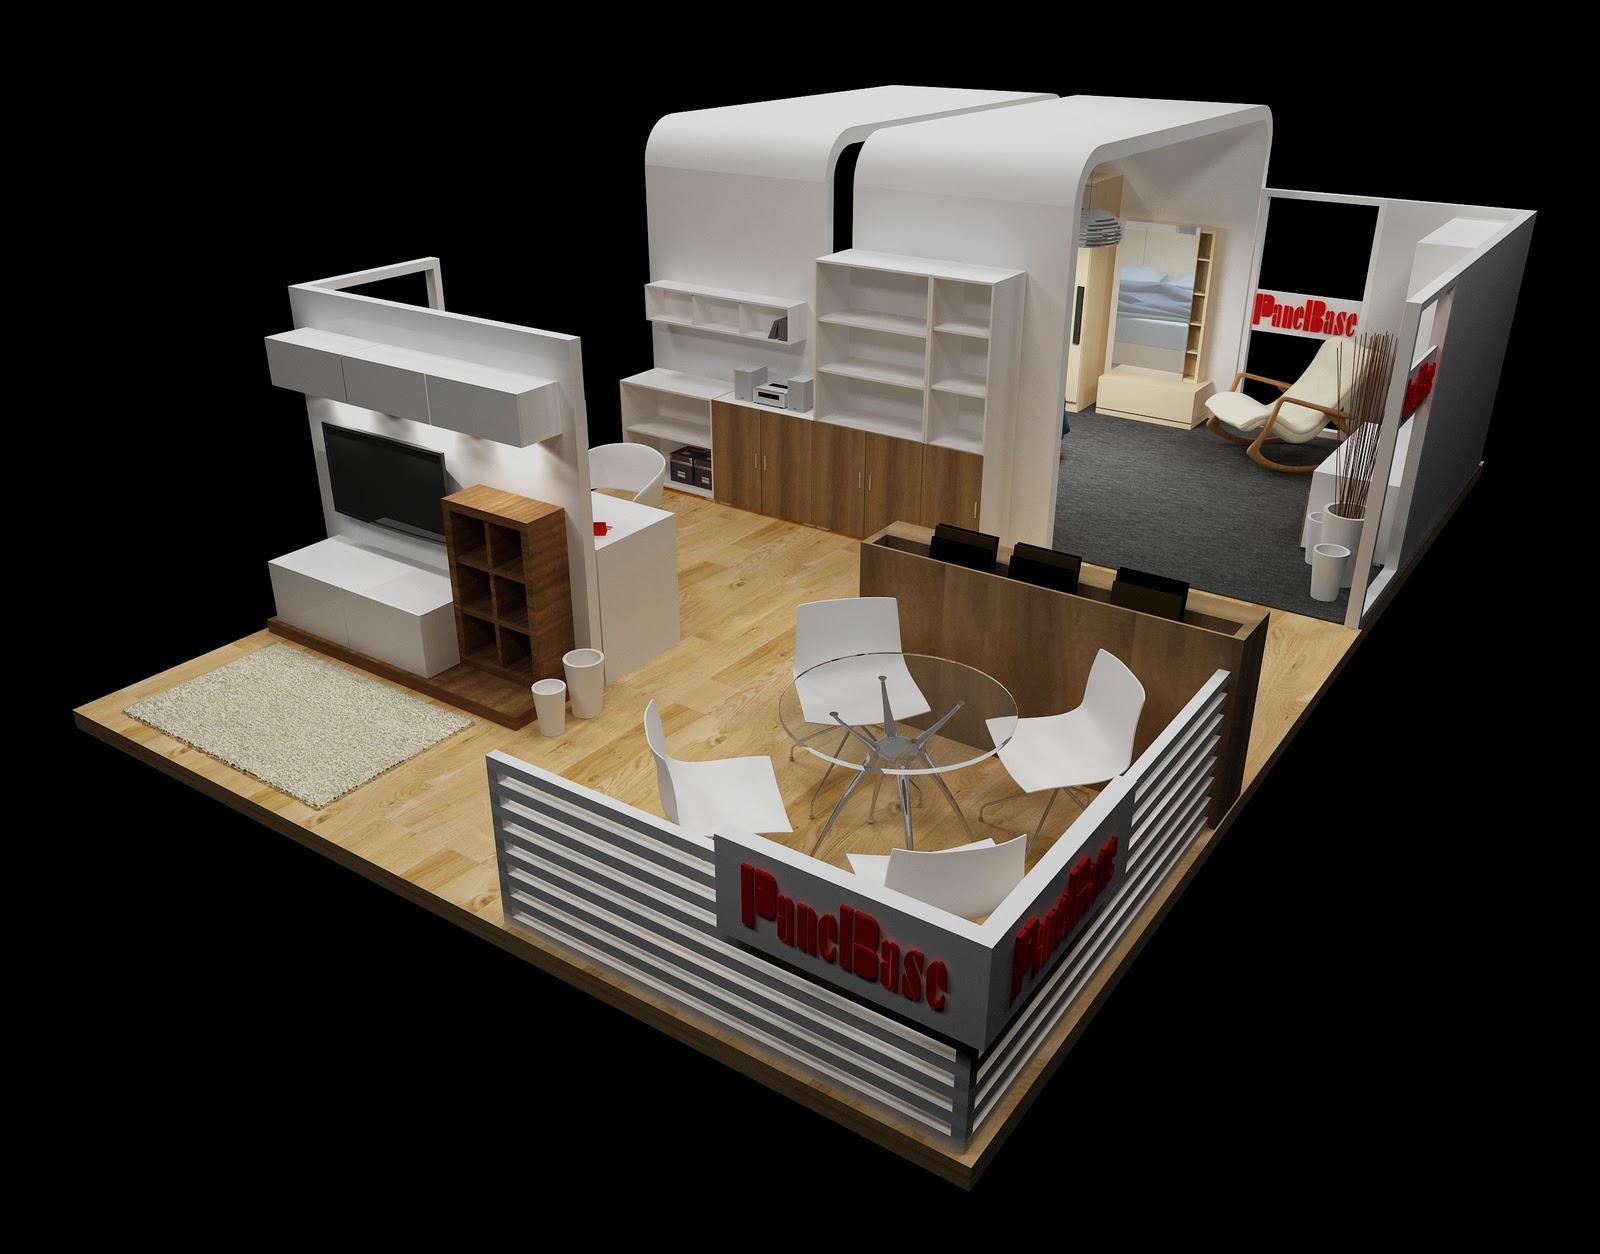 Furniture Exhibition Booth Design : Fabrics sewing furniture exhibition booth